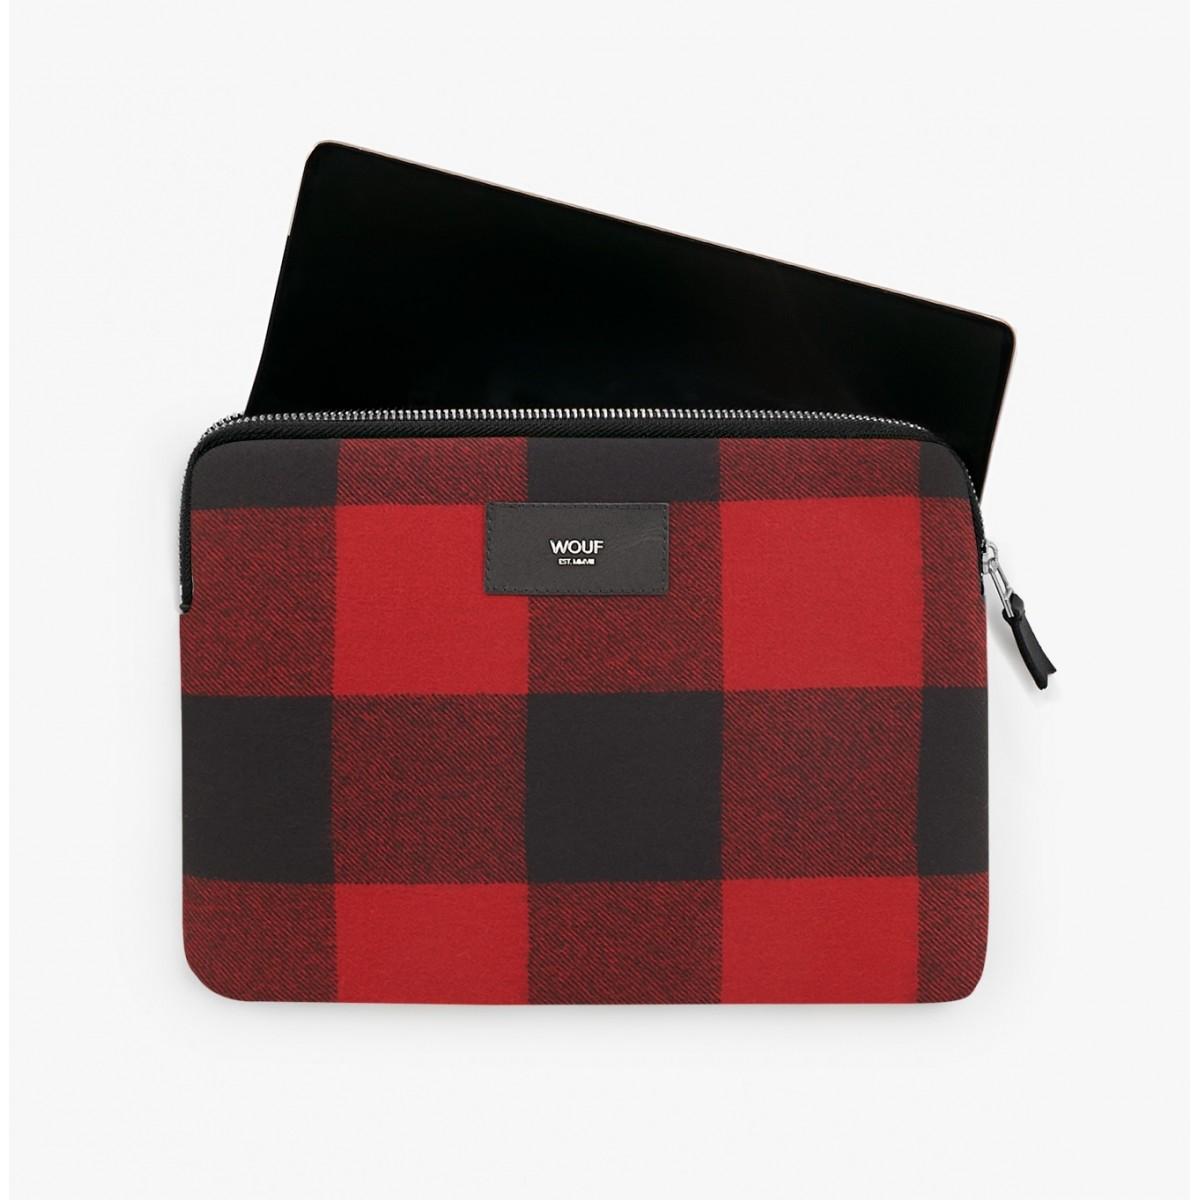 Wouf - Housse à carreaux pour tablette et iPad